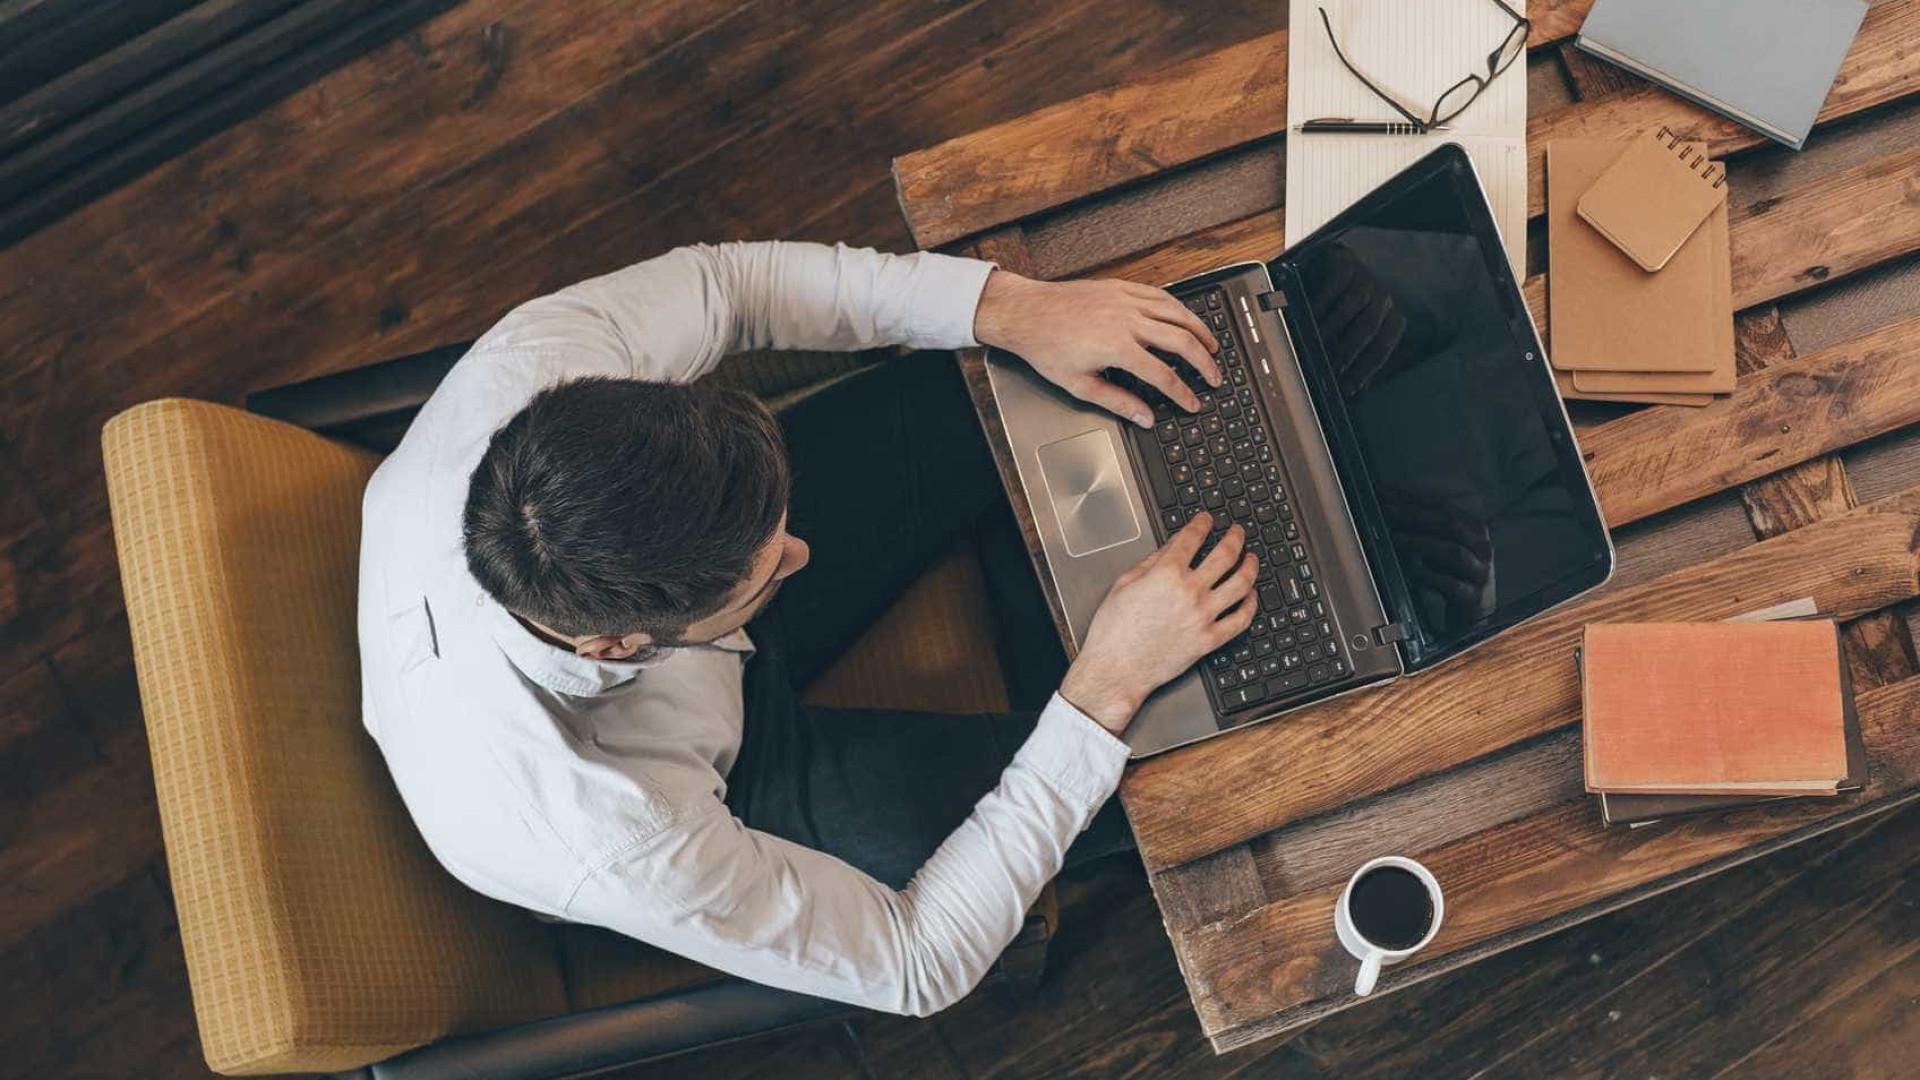 Otimize o tempo de trabalho  com essas 4 dicas